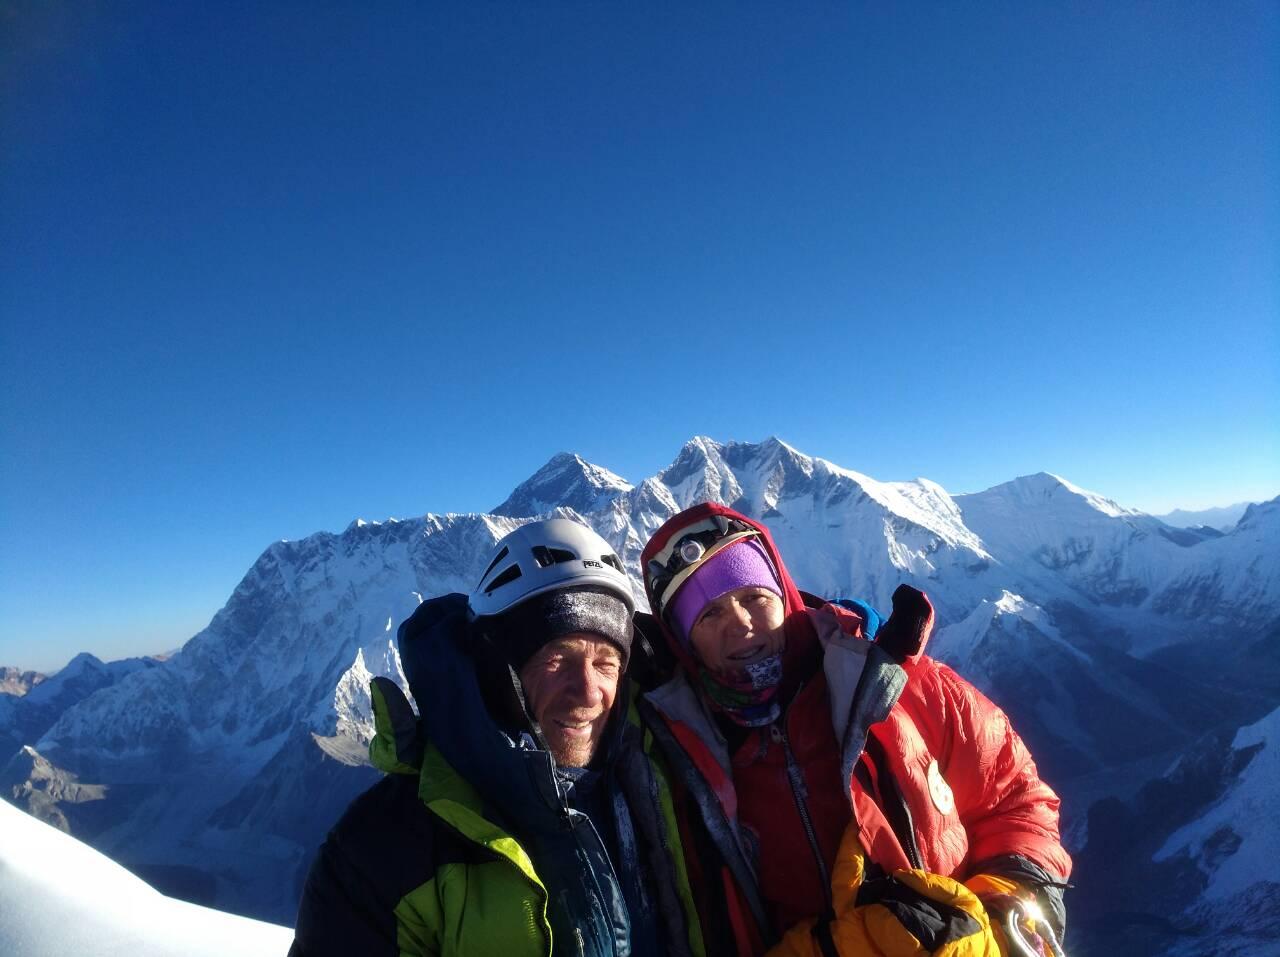 Vrh 6812 m v ozadju Everest, Lotse, Nuptse, Islan Peak